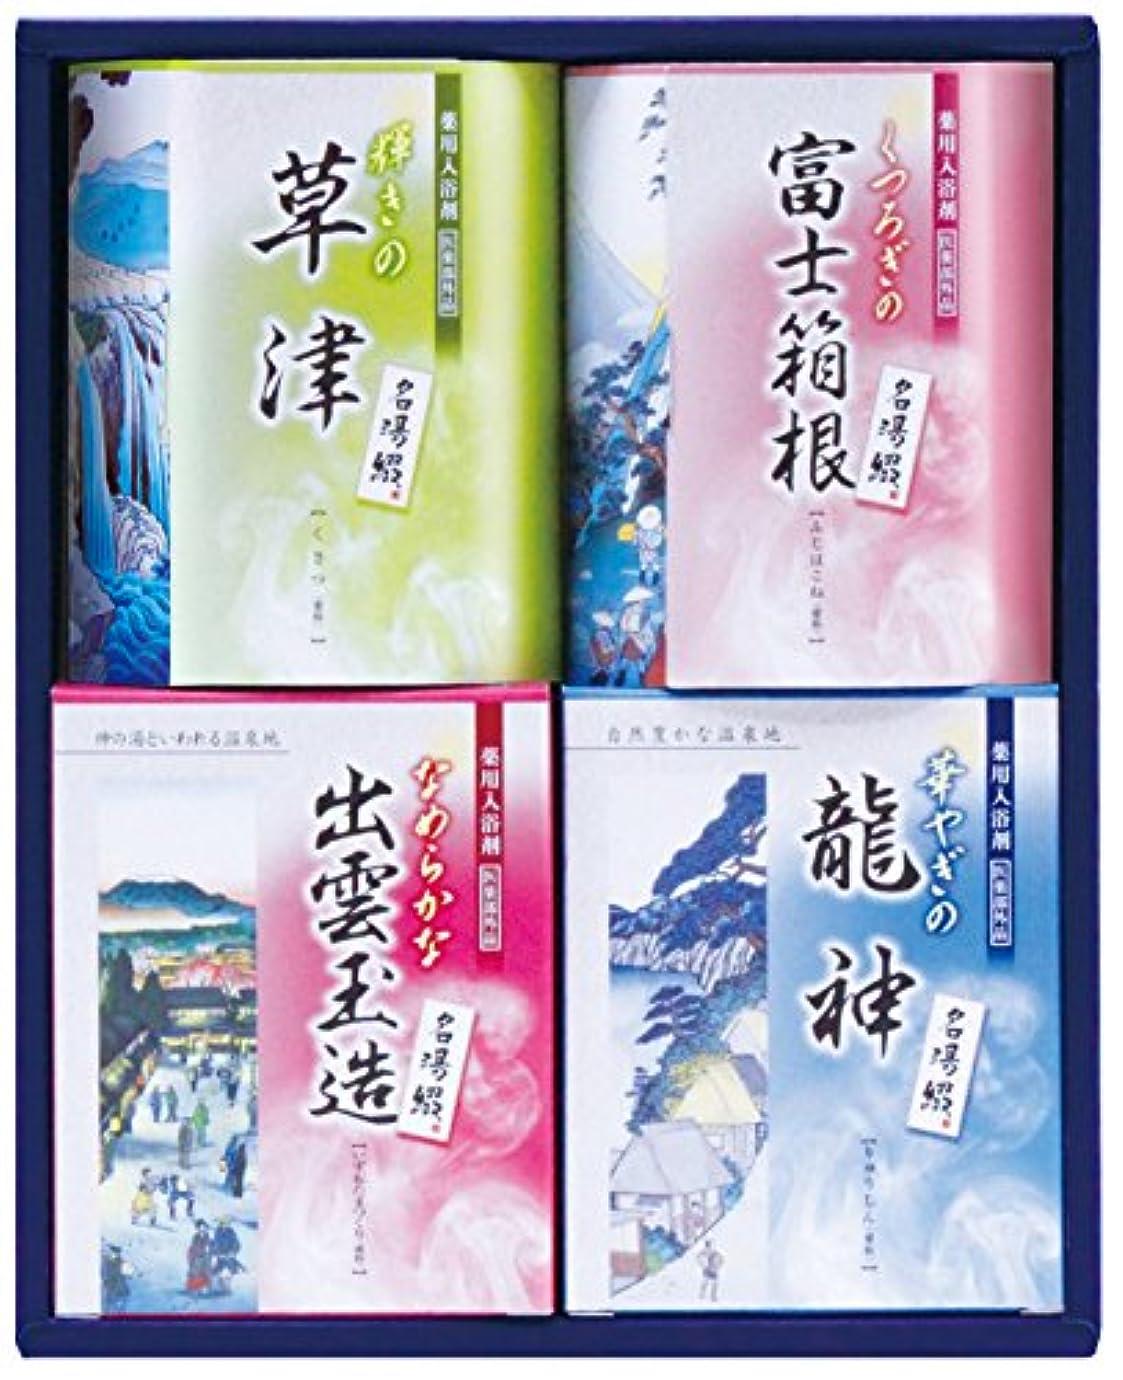 シルク鉄道レタスマックス ギフト 薬用入浴剤 名湯綴 TML-10